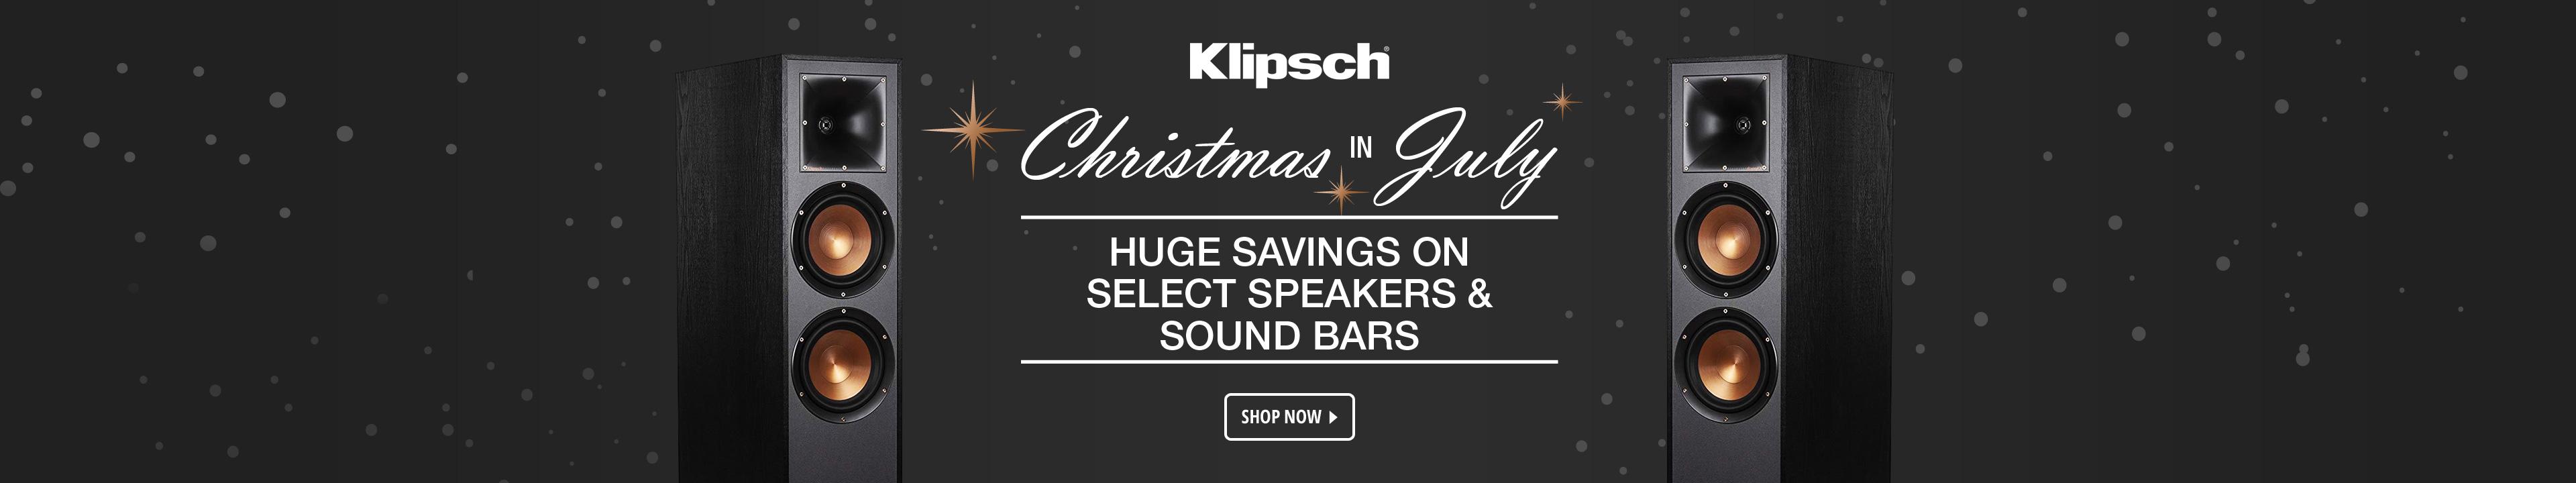 Klipsch Christmas in July